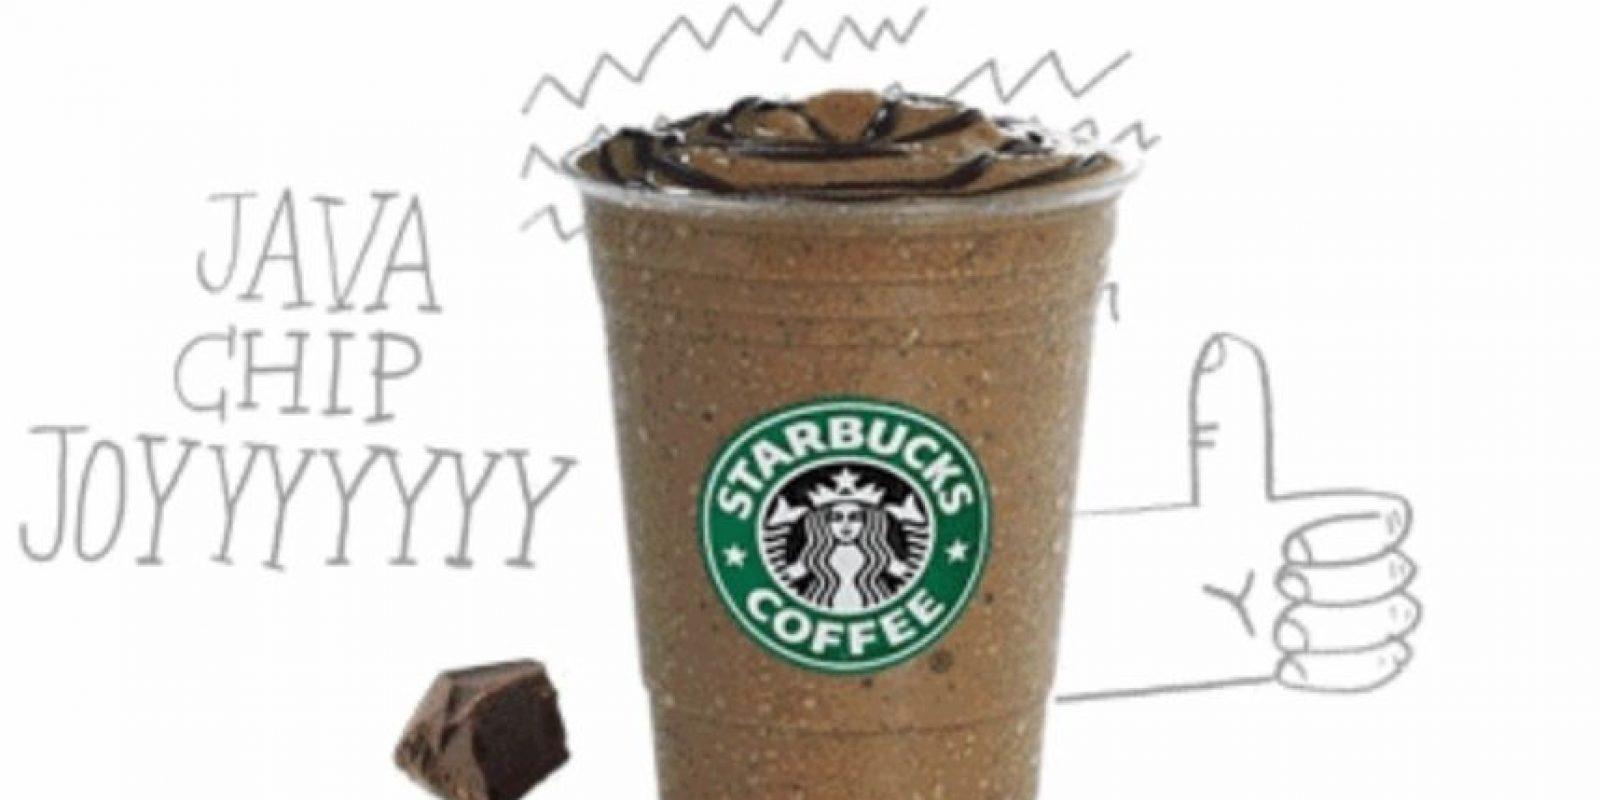 2. El Frappuccino del Starbucks. Al principio solo existía en dos sabores, Café y Moca. Ahora Starbucks ha creado más de 25 sabores diferentes Foto:Starbucks